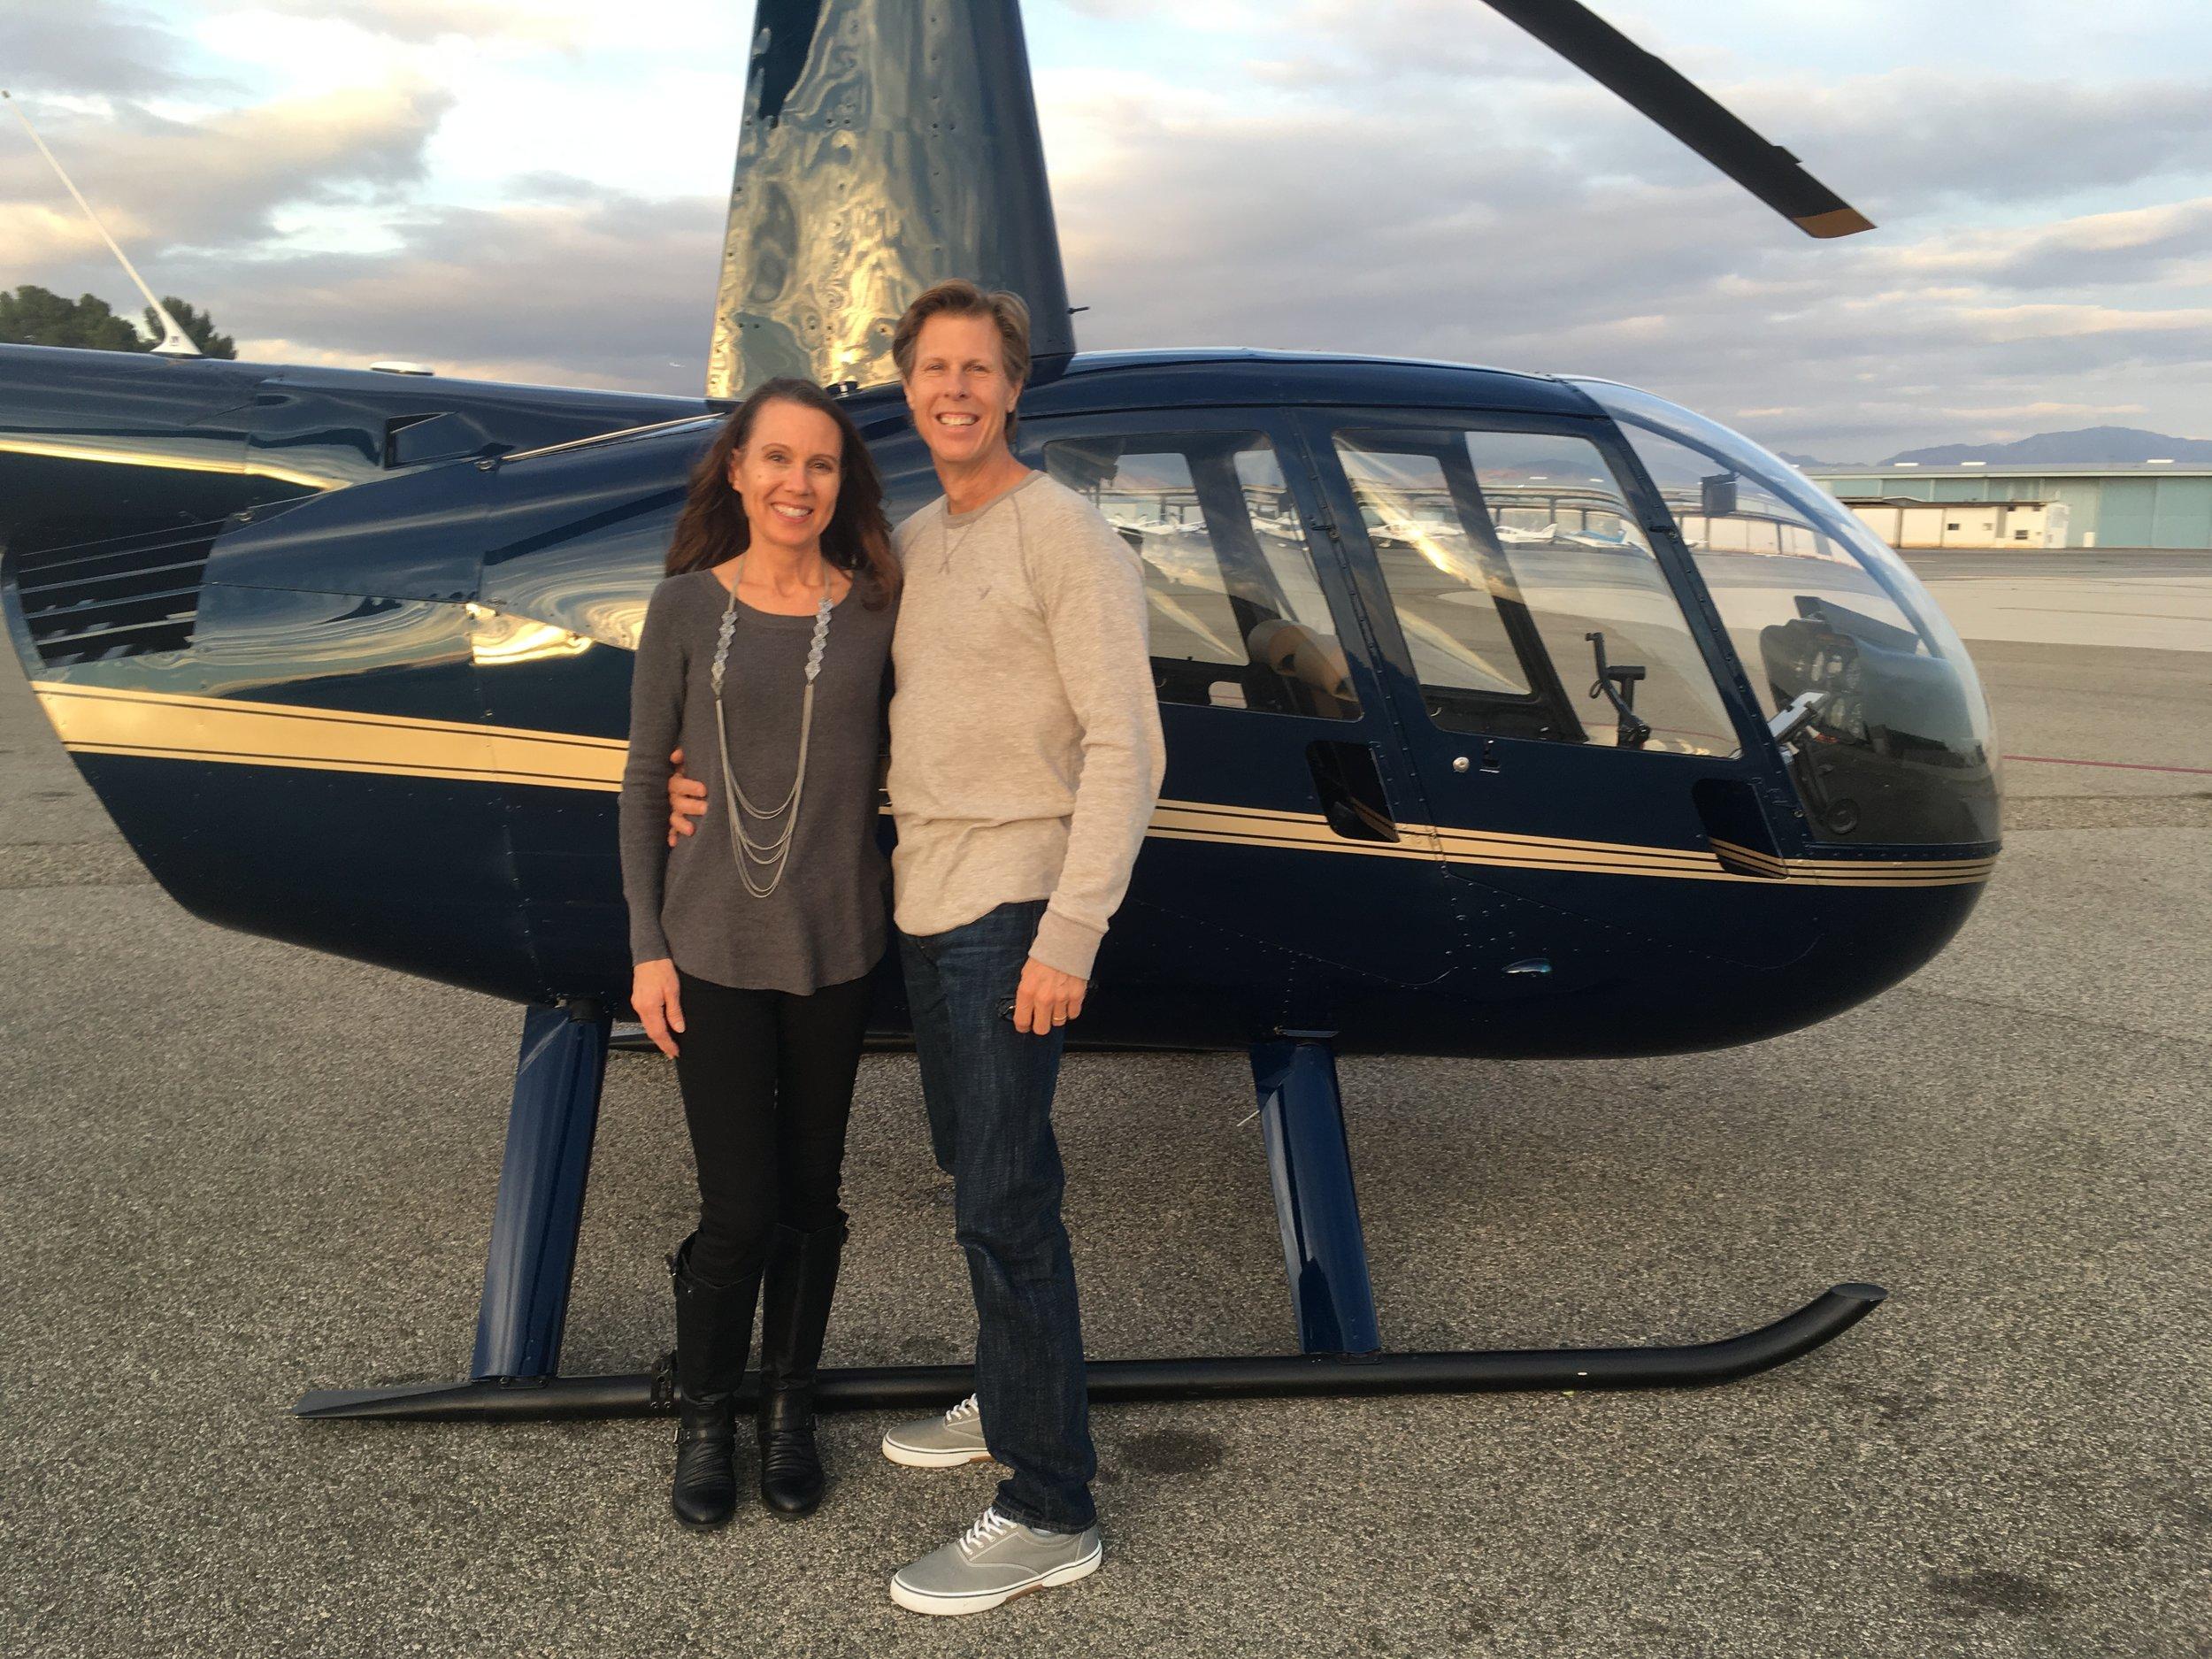 Elite Helicopter Tour  2017 Tammyblomsterberg.com.JPG